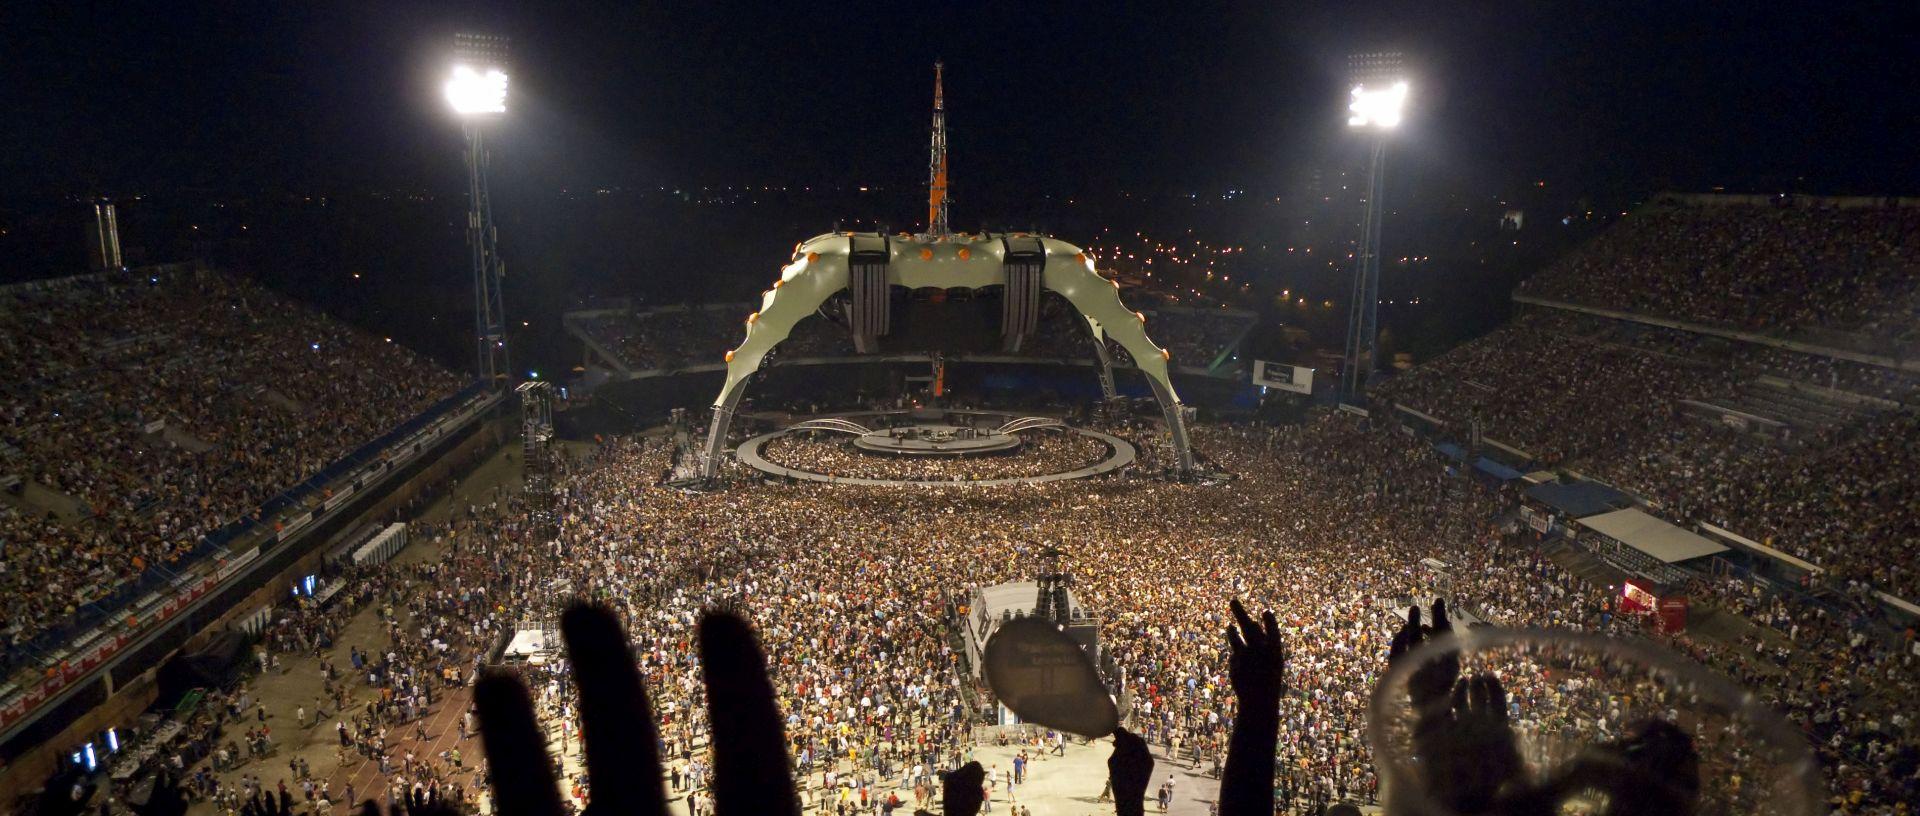 U2 i četvrt stoljeća redefiniranja rock koncerata